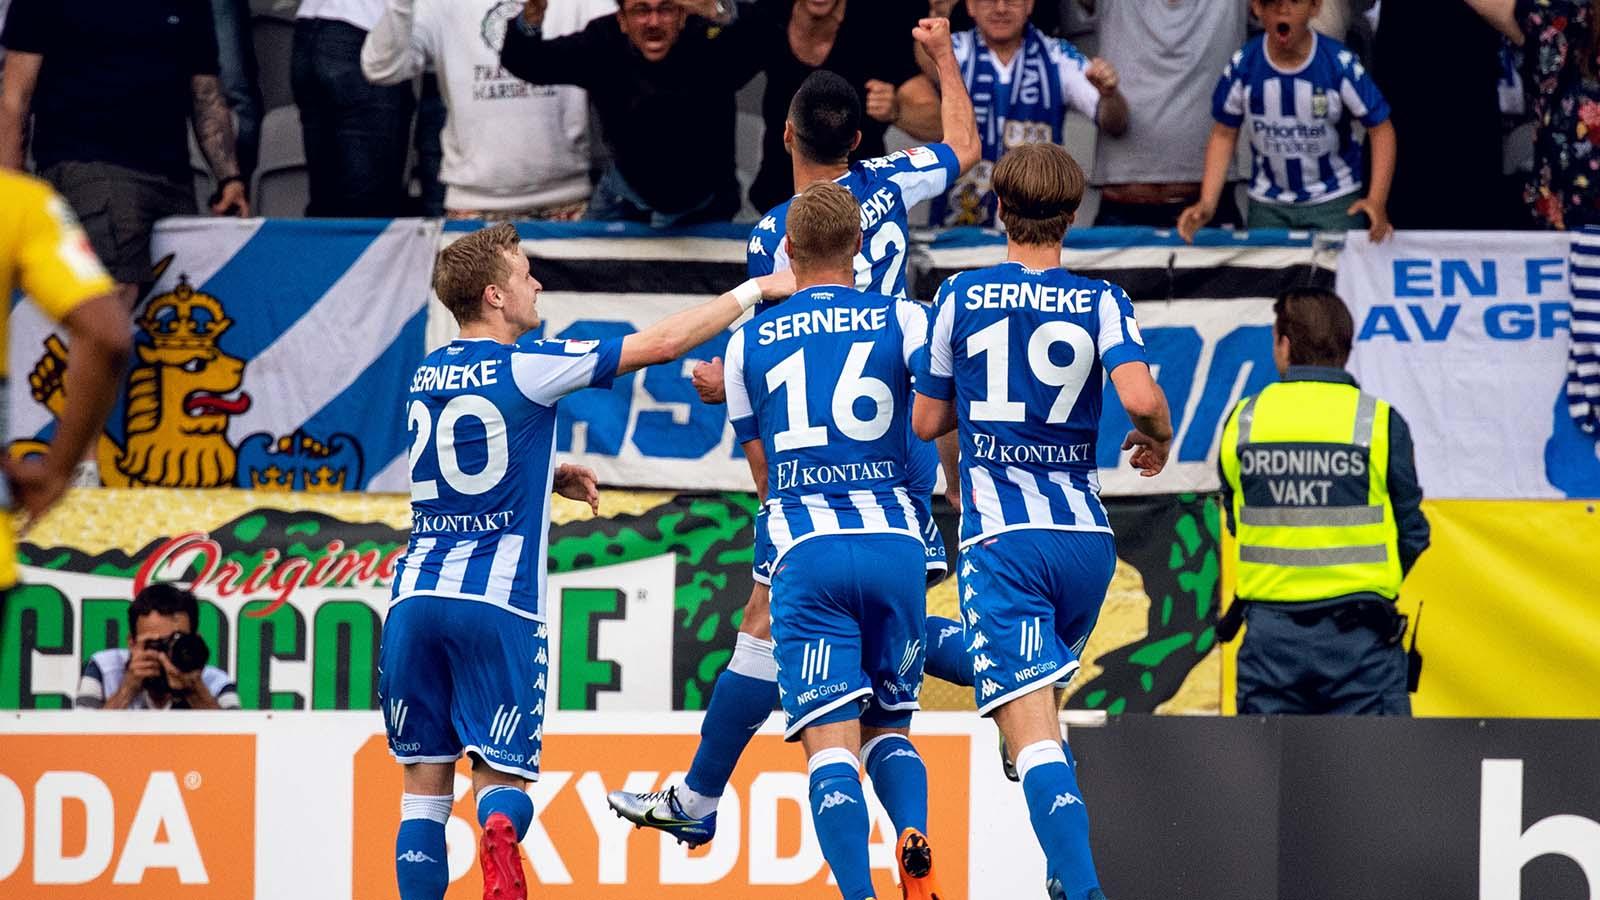 180521 IFK Göteborgs Giorgi Kharaishvili jublar med lagkamrater efter 0-1 under fotbollsmatchen i Allsvenskan mellan Elfsborg och IFK Göteborg den 21 maj 2018 i Borås. Foto: Jörgen Jarnberger / BILDBYRÅN / Kod JJ / Cop 112